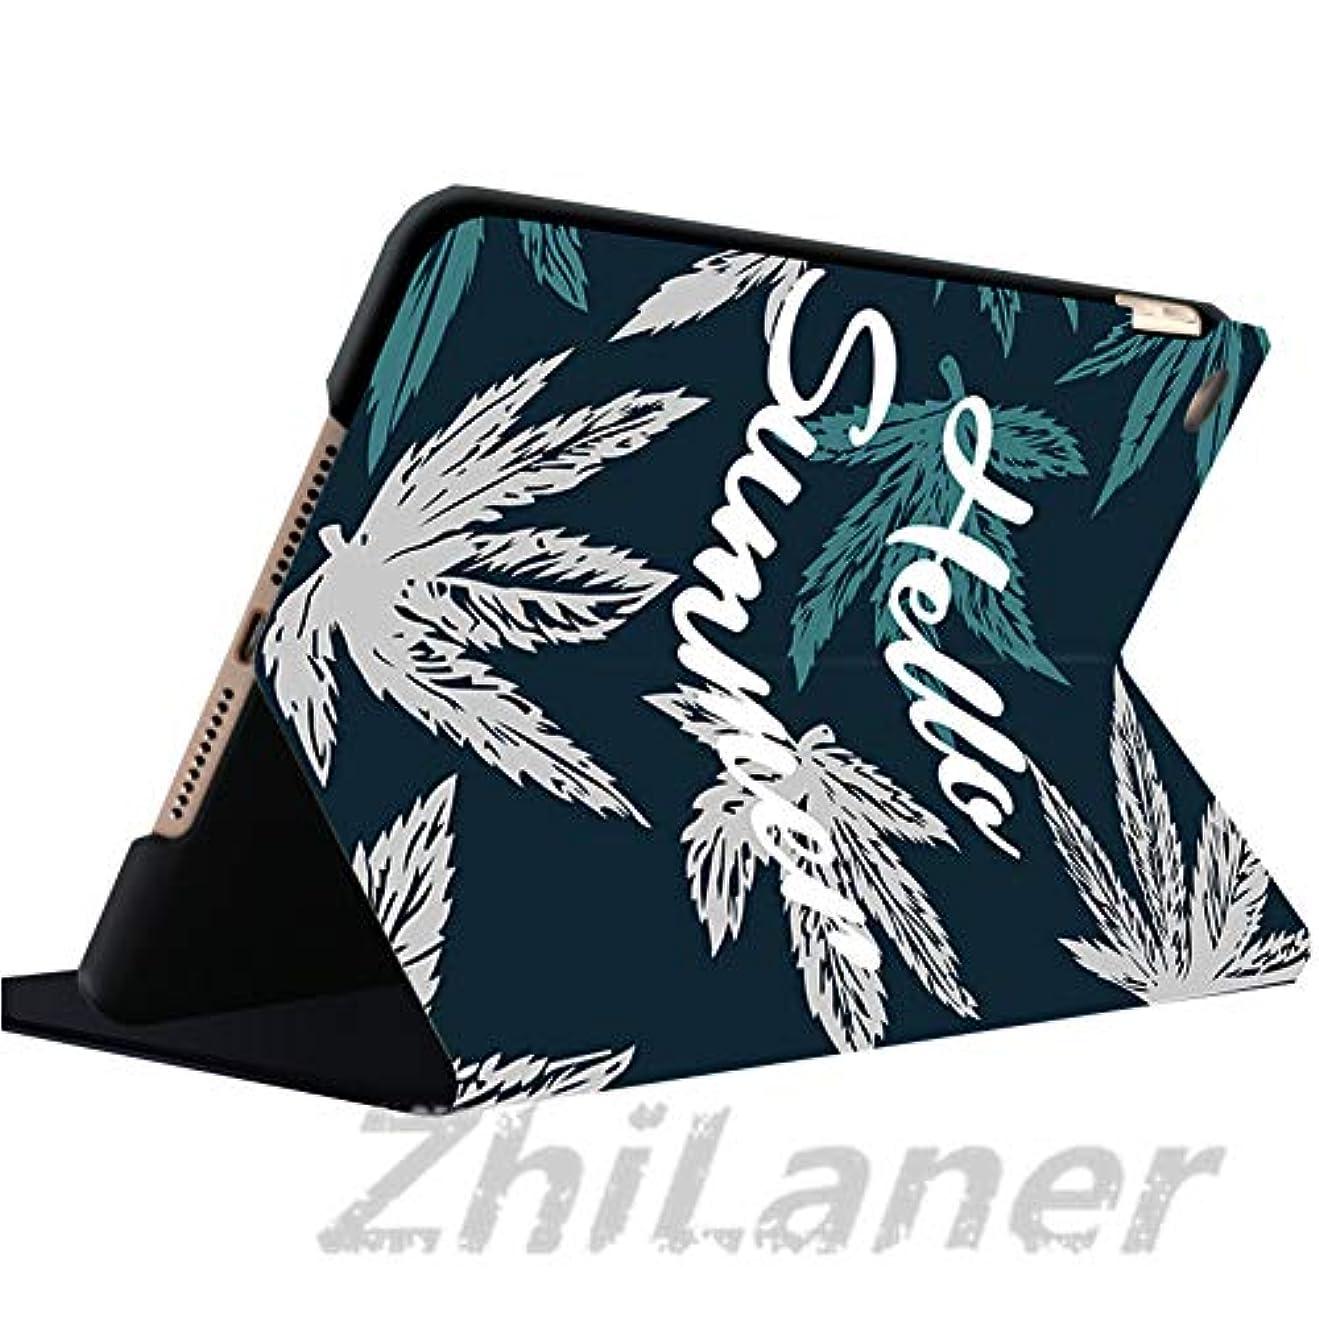 縮れた解明する凍ったZhilaner ipad 9.7 ケース 2018 a1954 iPad 2019 10.5インチ ケース iPad air3 ケース 10.5インチ ipad mini1/2/3 ケース ipad mini4 ケース ipad mini5 ケース ipad第五世代 ケース ipad第六世代 ケース アイパッドA1893 A1954 2018 9.7 ケース ipad 9.7インチ ケース iPadair1 iPadair2 iPadair3ケース ipad pro 11 ケース 2018 おしゃれ ipad プロ11 ケース 三つ折り スタンド 薄型 軽量 耐衝撃 タブレットケース 面白い ボタニカル柄 葉柄 自然 シンプル 高級感 若者 大人女子